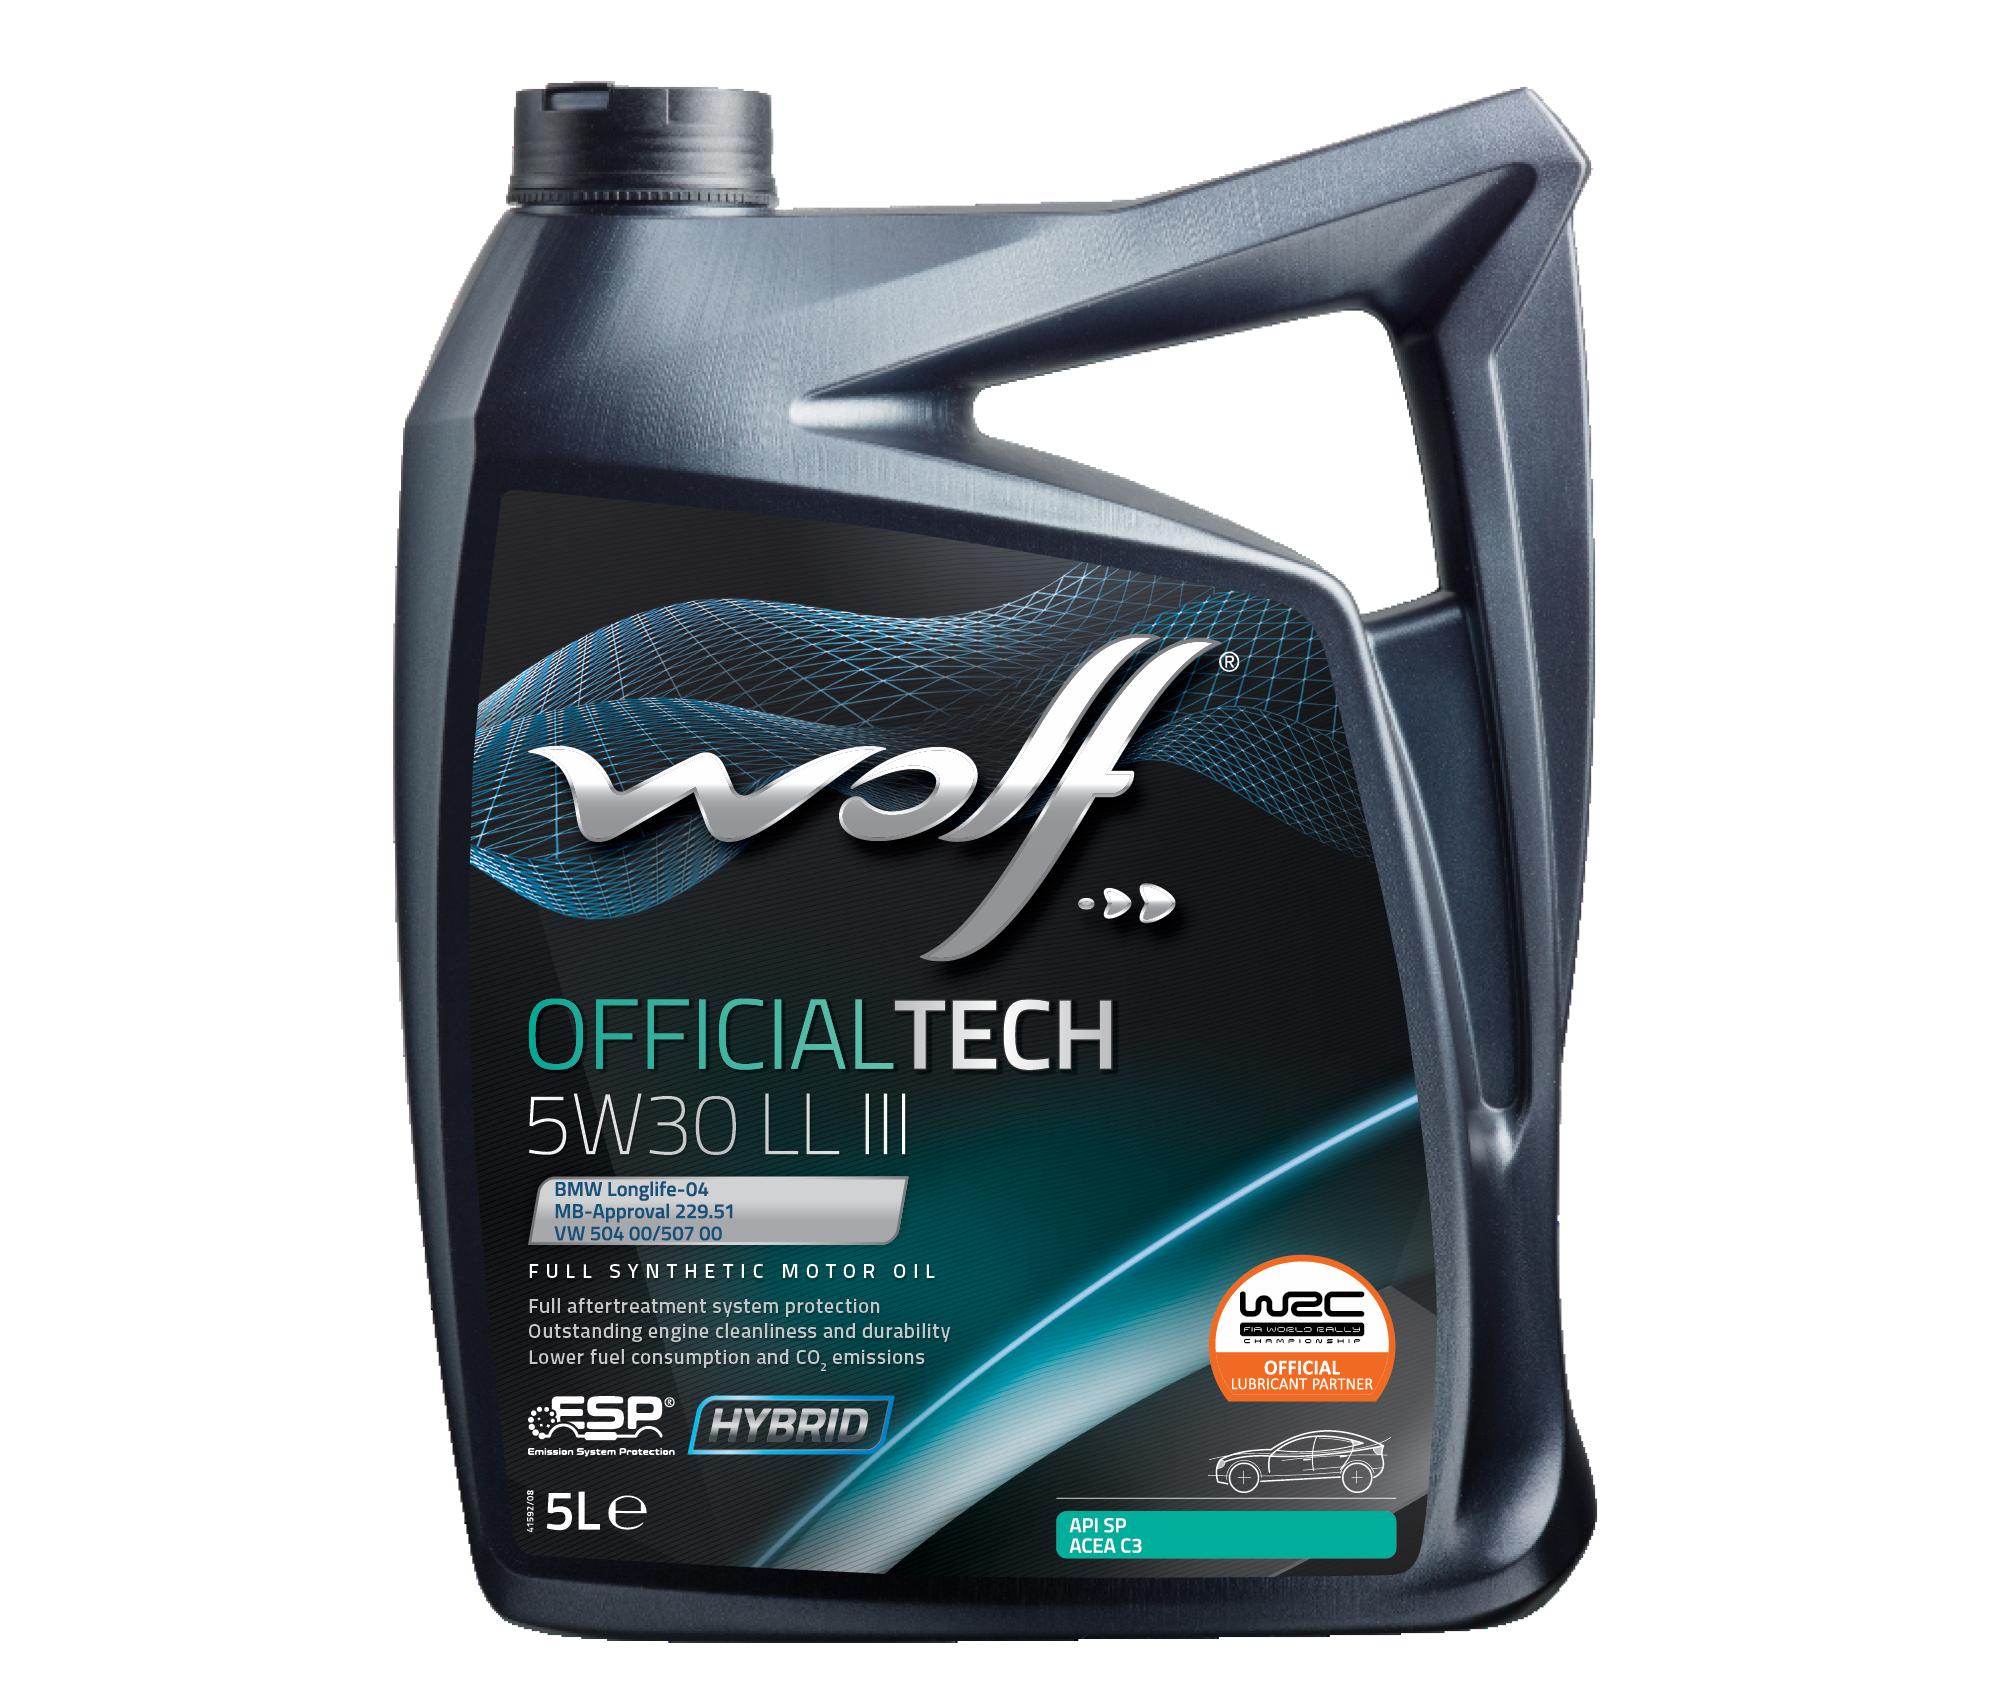 WOLF OFFICIALTECH 5W30 LL III 5L